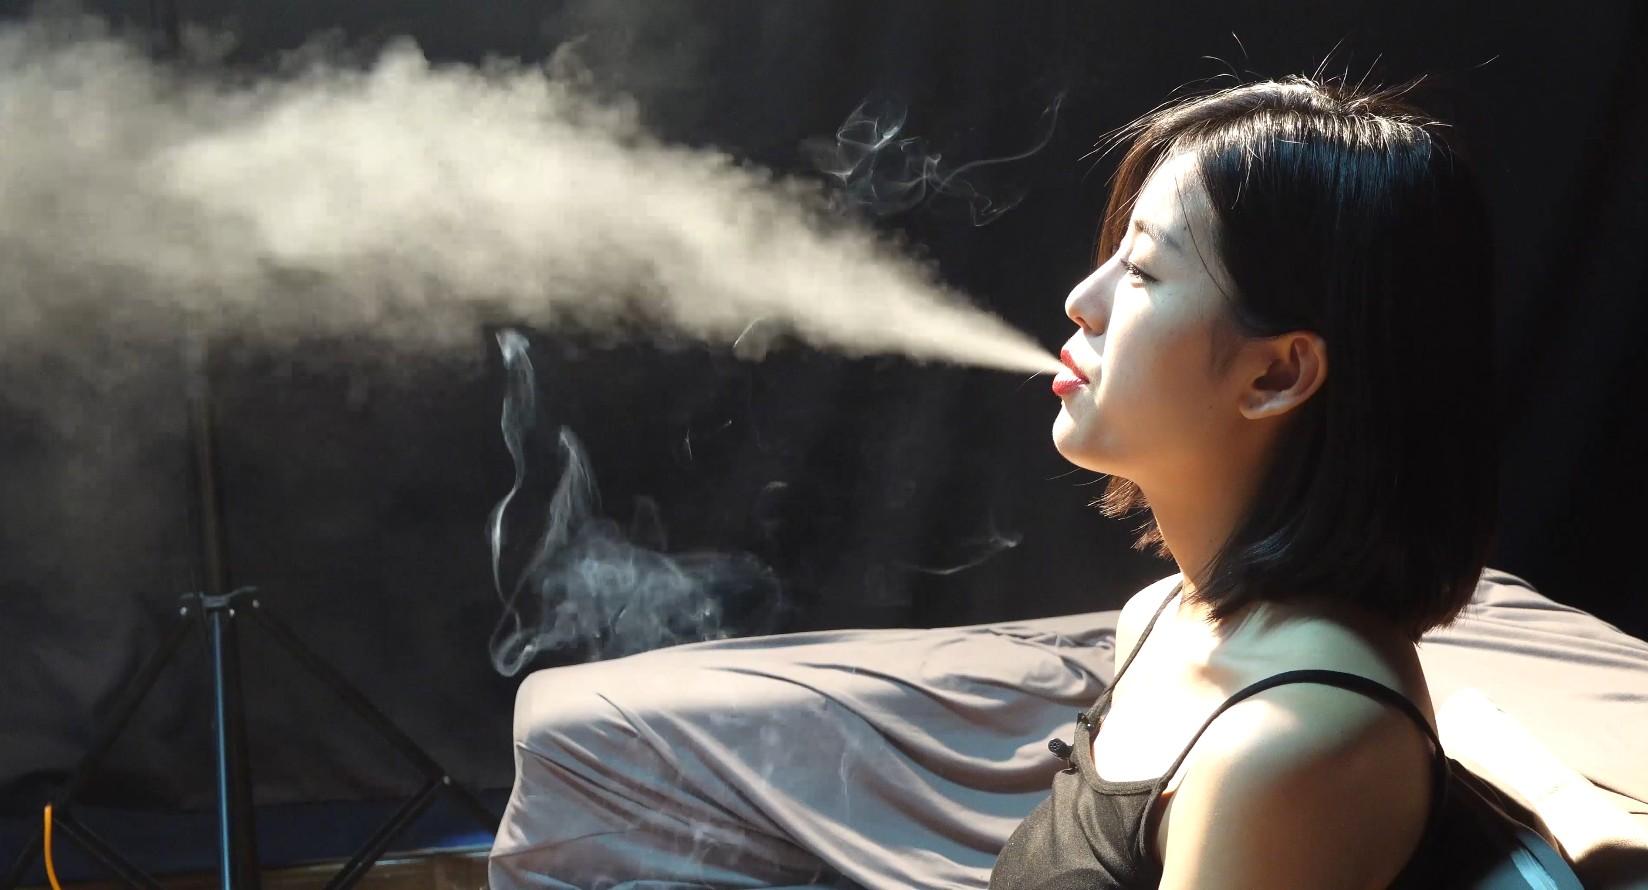 超极品美女抽烟